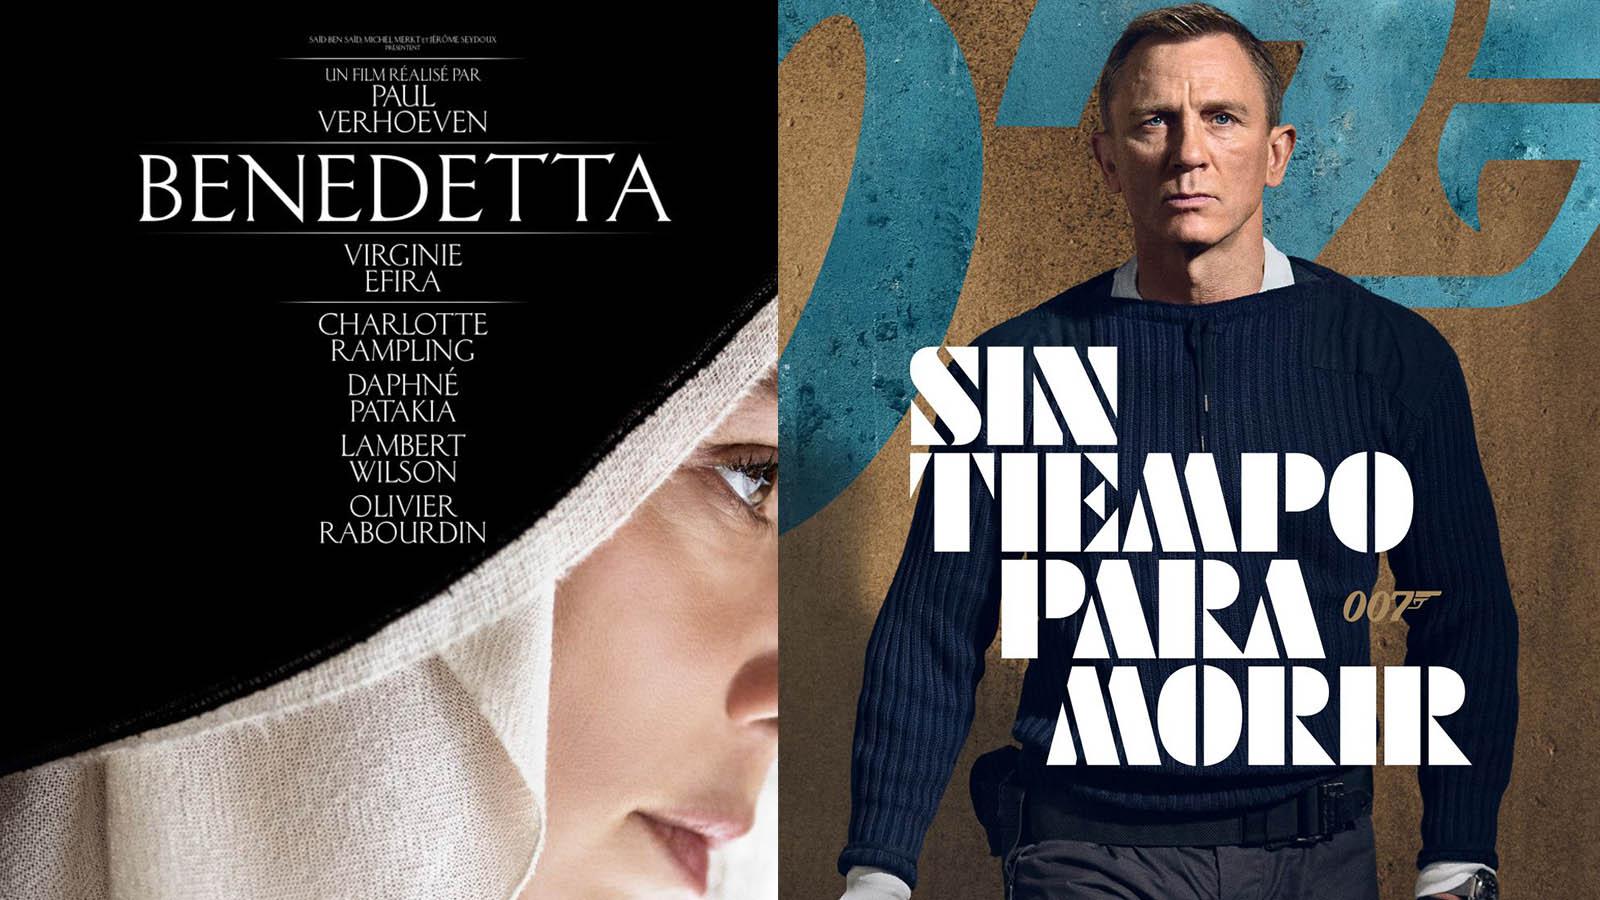 «Benedetta» (Pathé) y «Sin tiempo para morir» (MGM) son dos de las propuestas más interesantes de los estrenos de este fin de semana